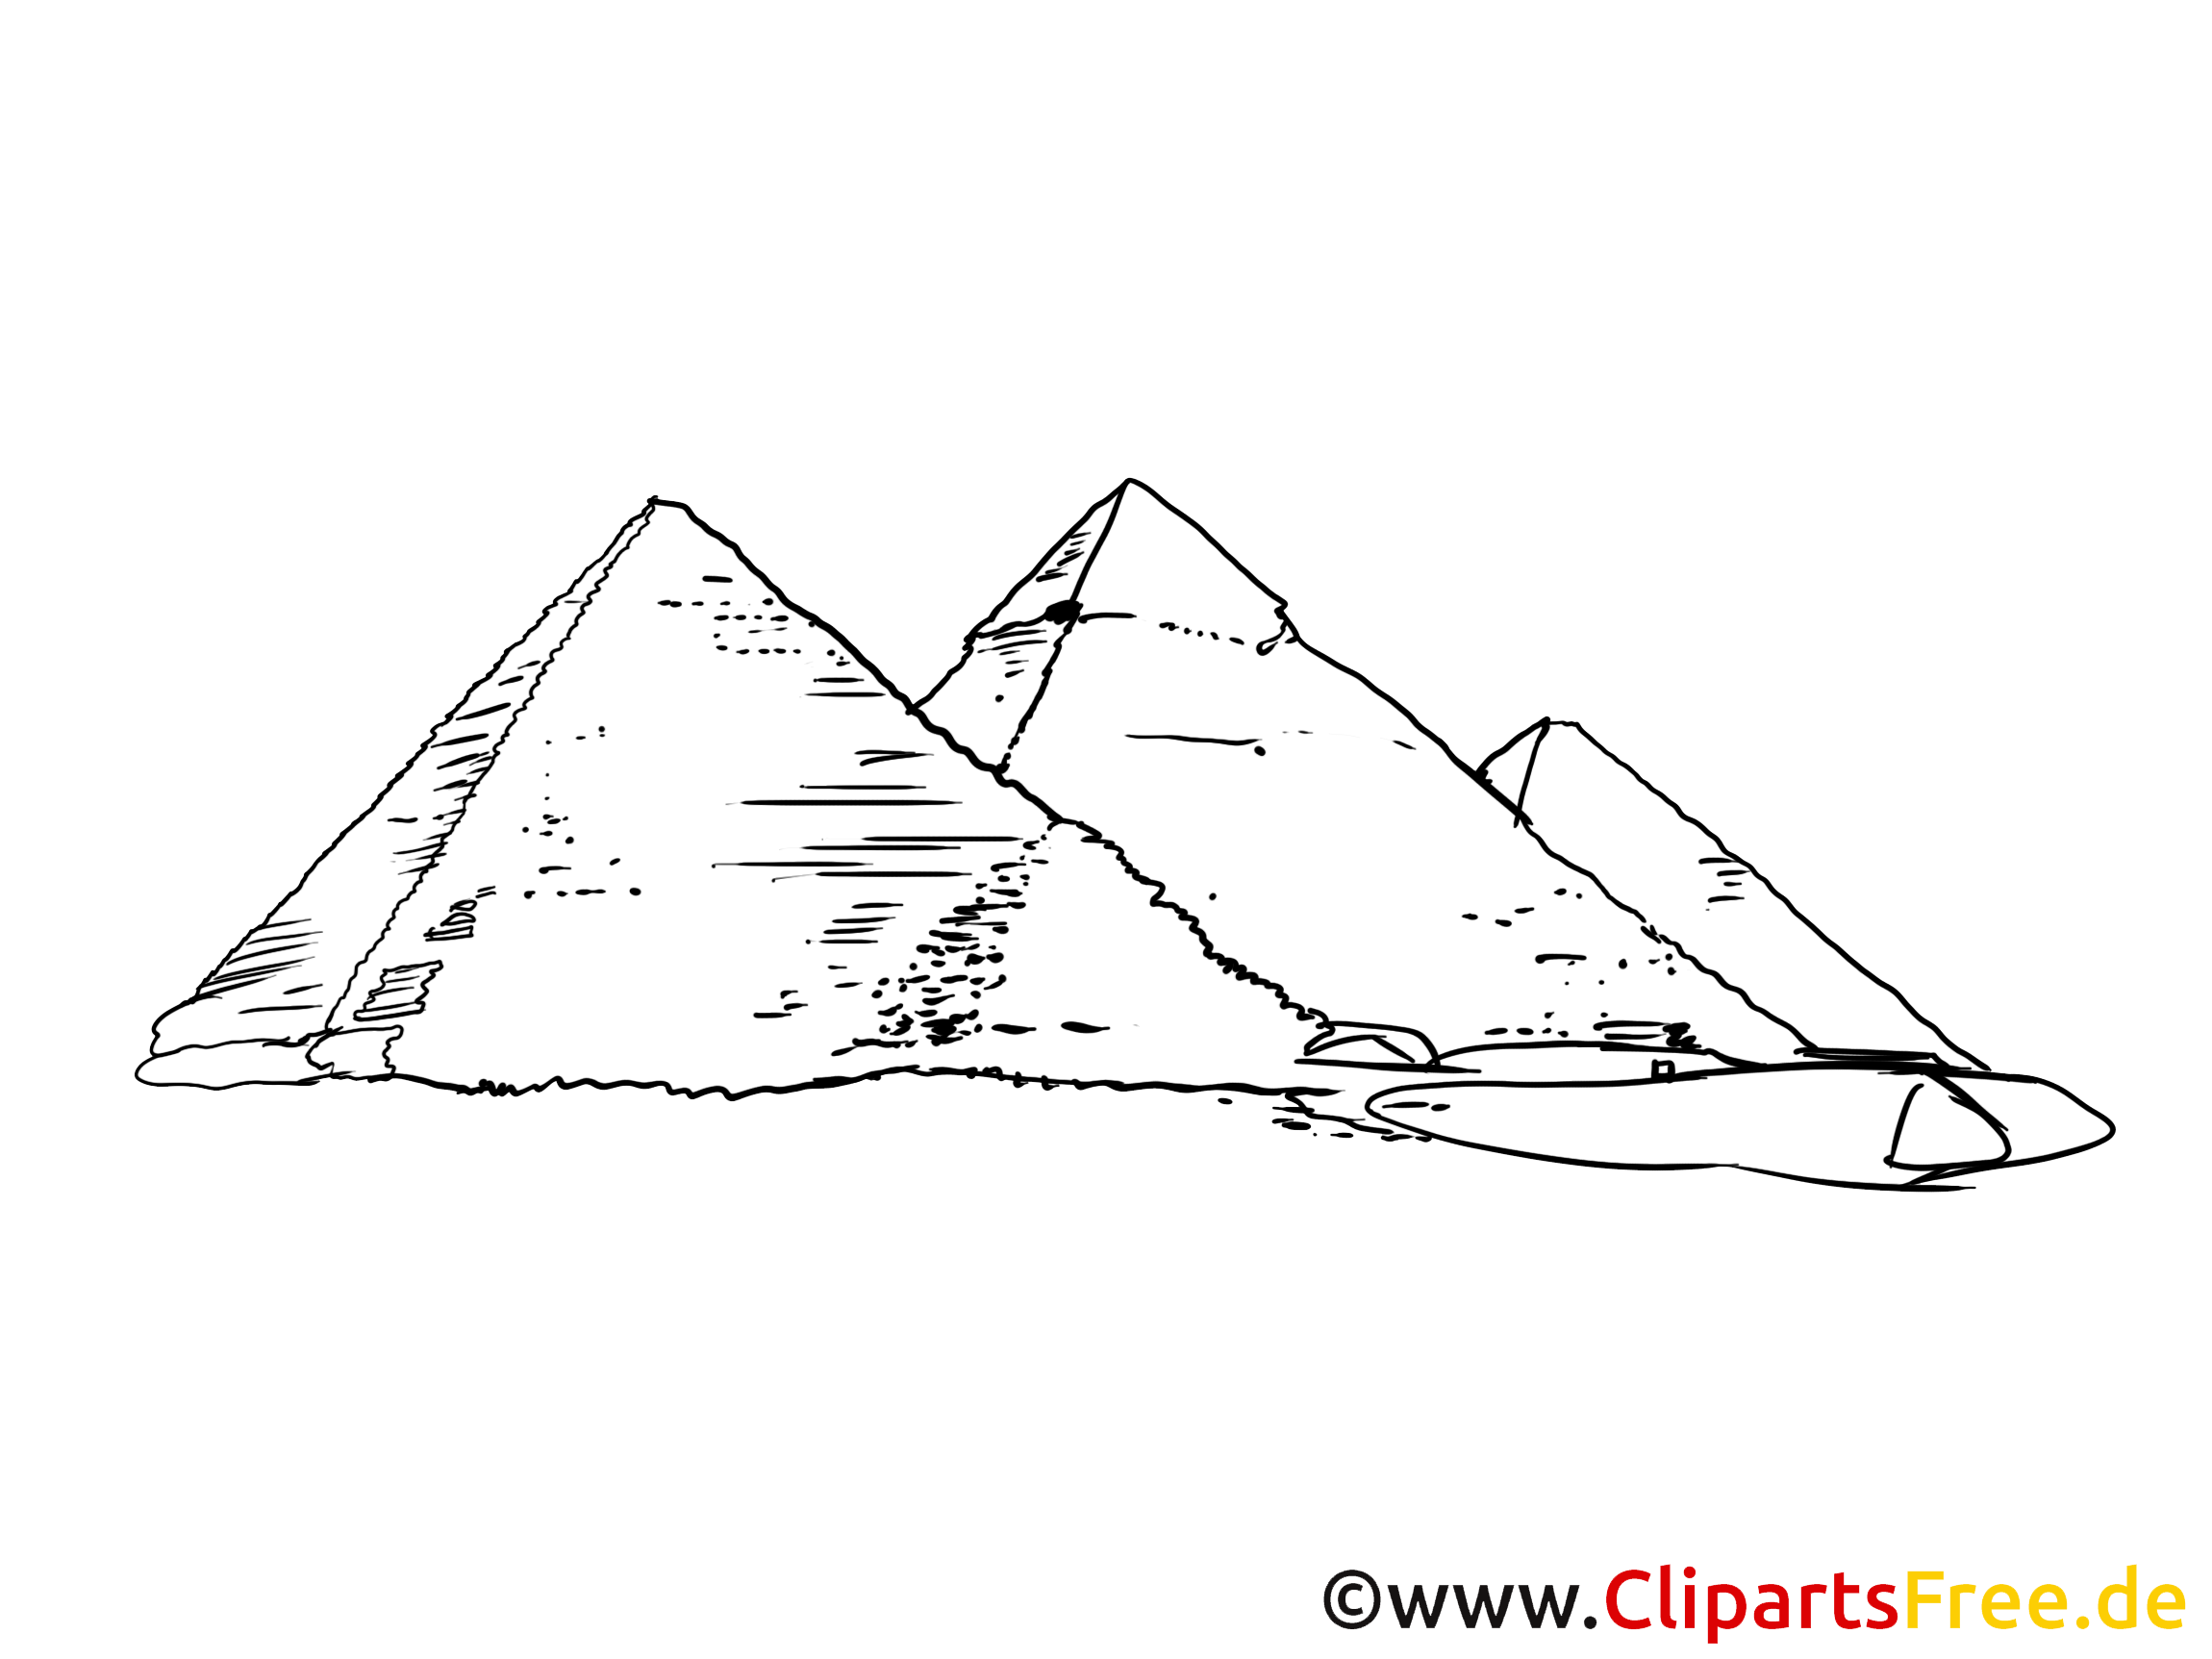 Pyramiden Bild, Zeichnung, Clipart gratis